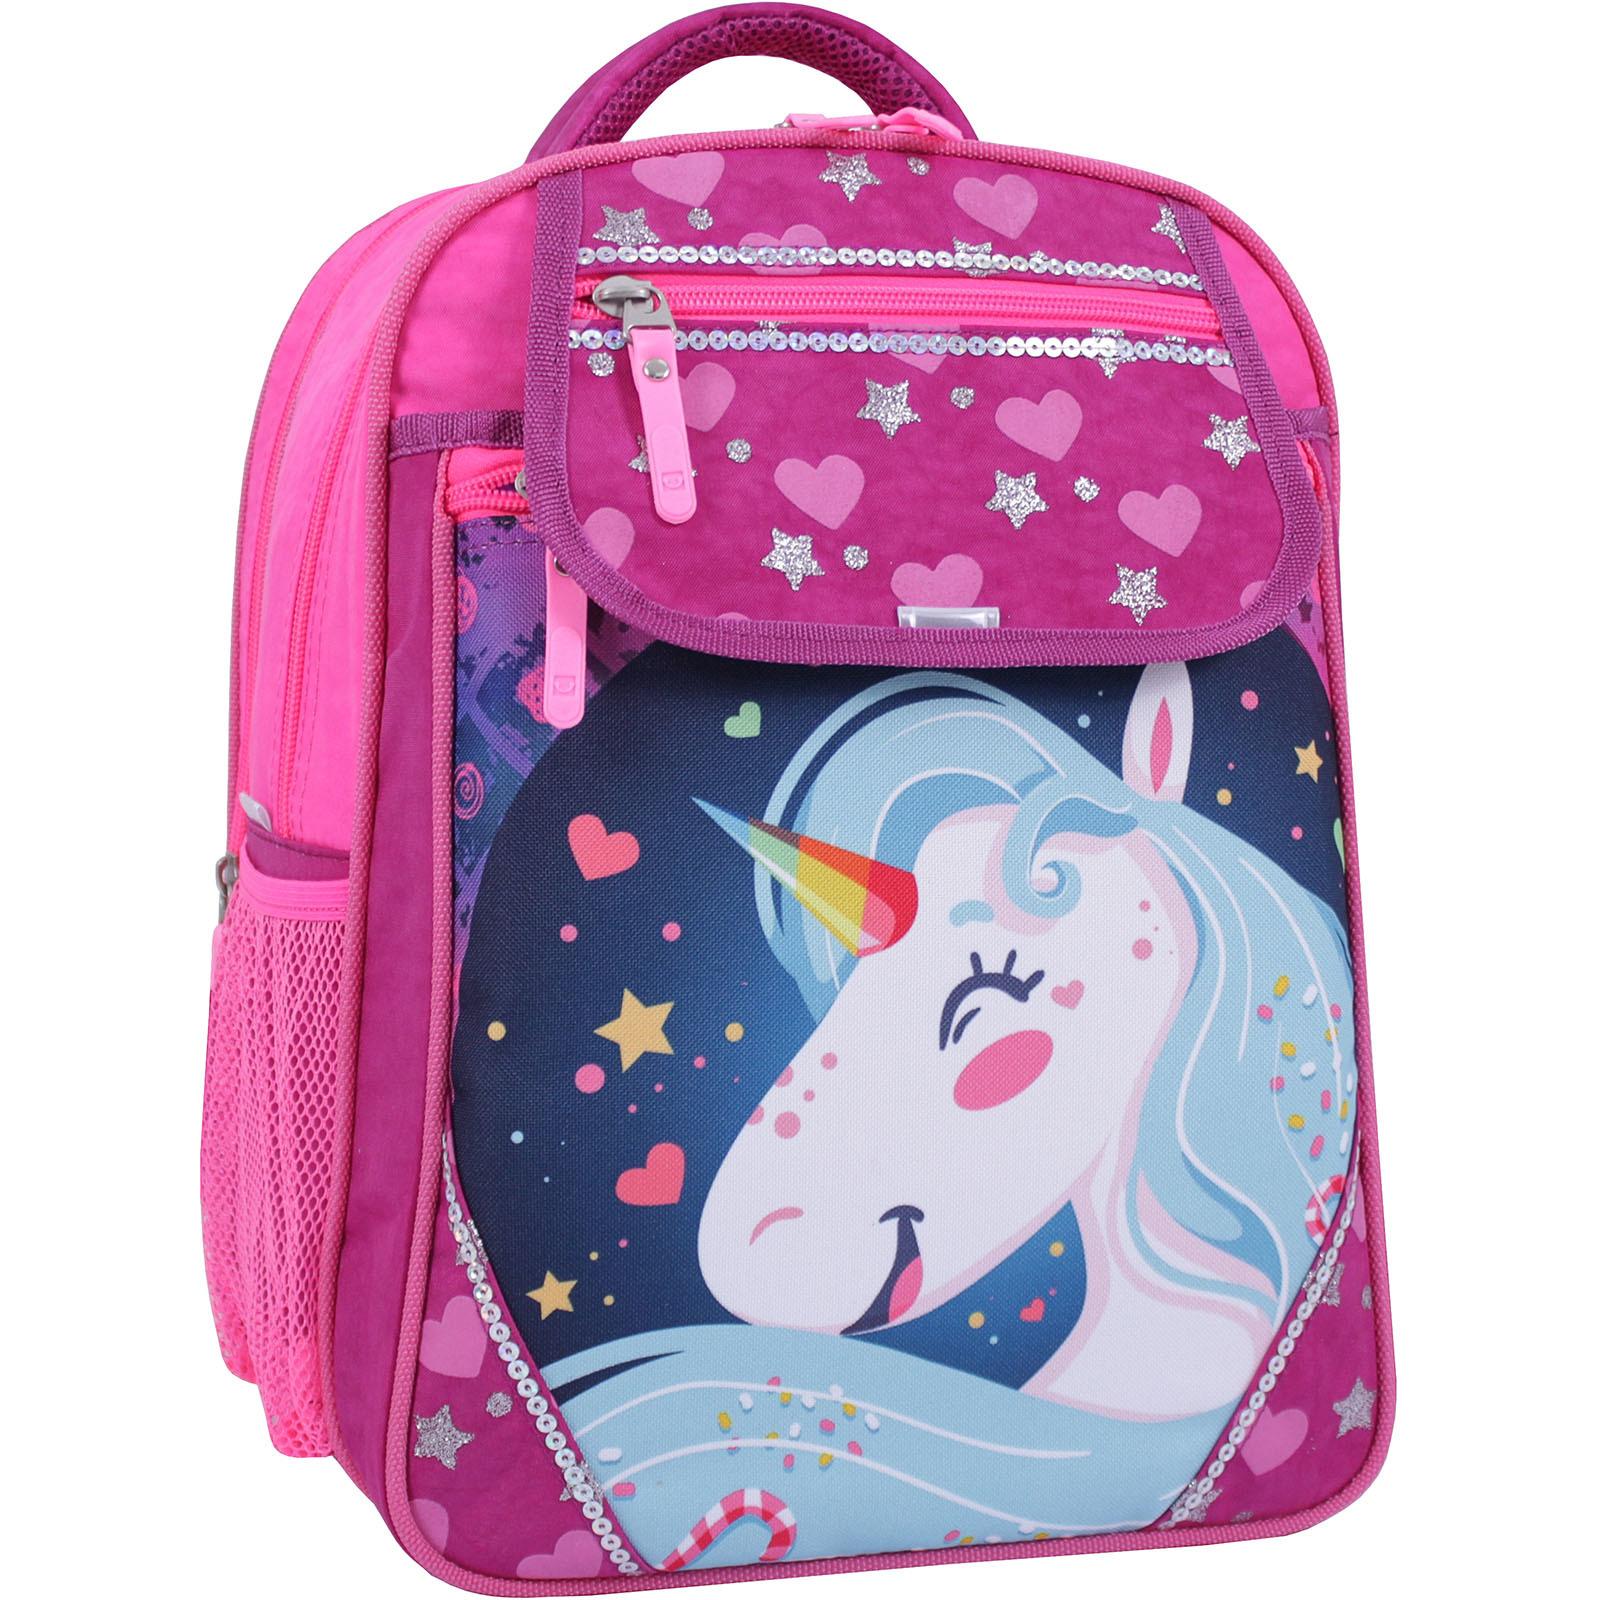 Школьные рюкзаки Рюкзак школьный Bagland Отличник 20 л. 143 малина 504 (0058070) IMG_1304_суб.504_.JPG